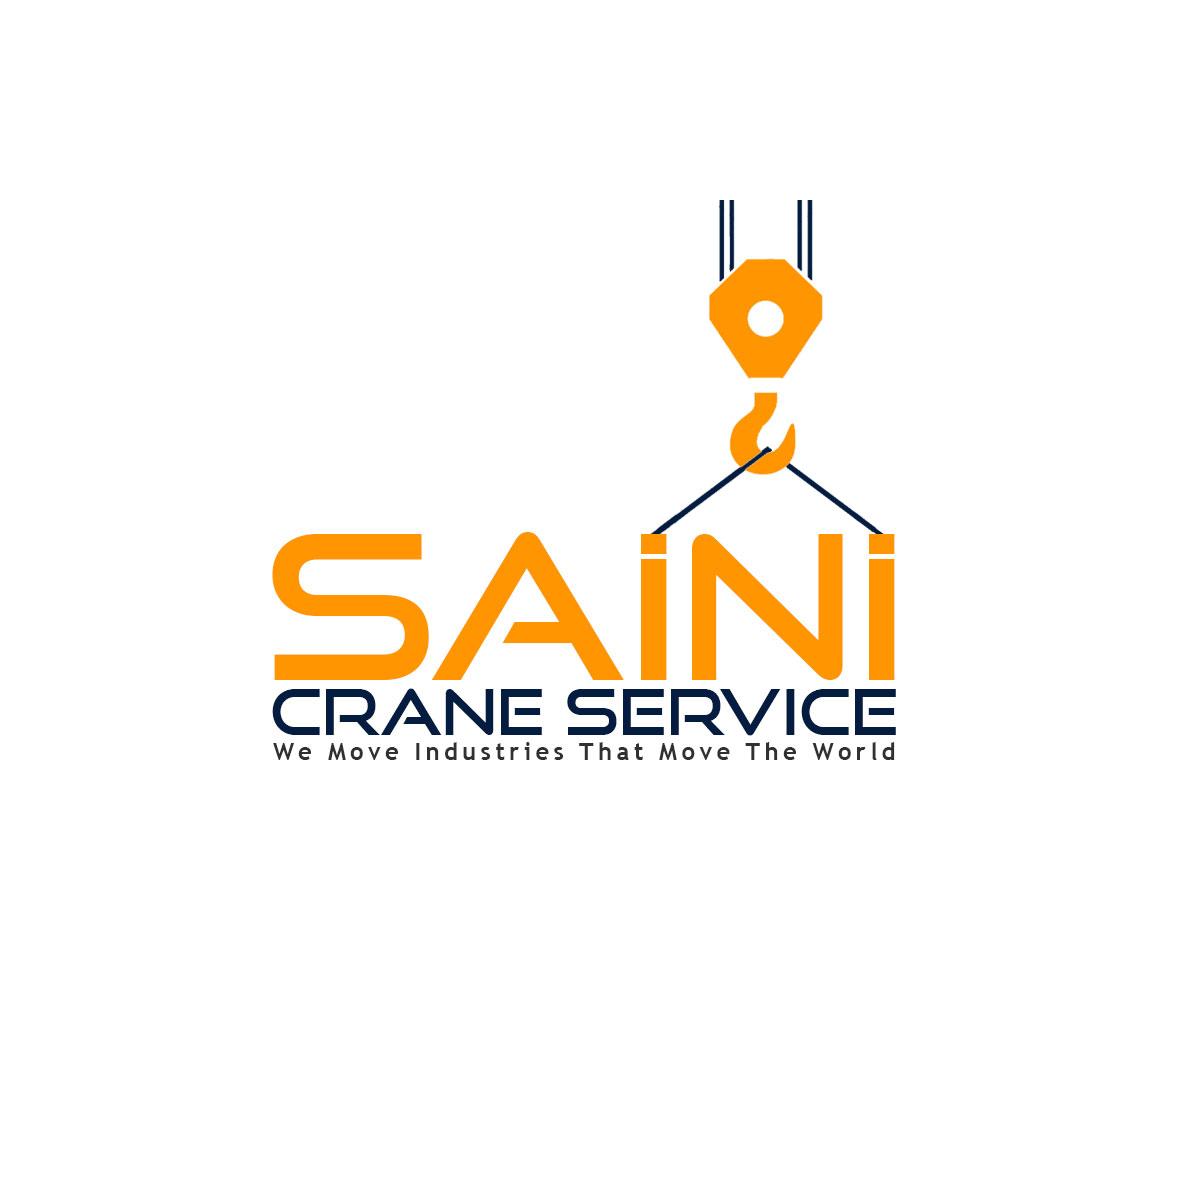 Saini-Crane-Service